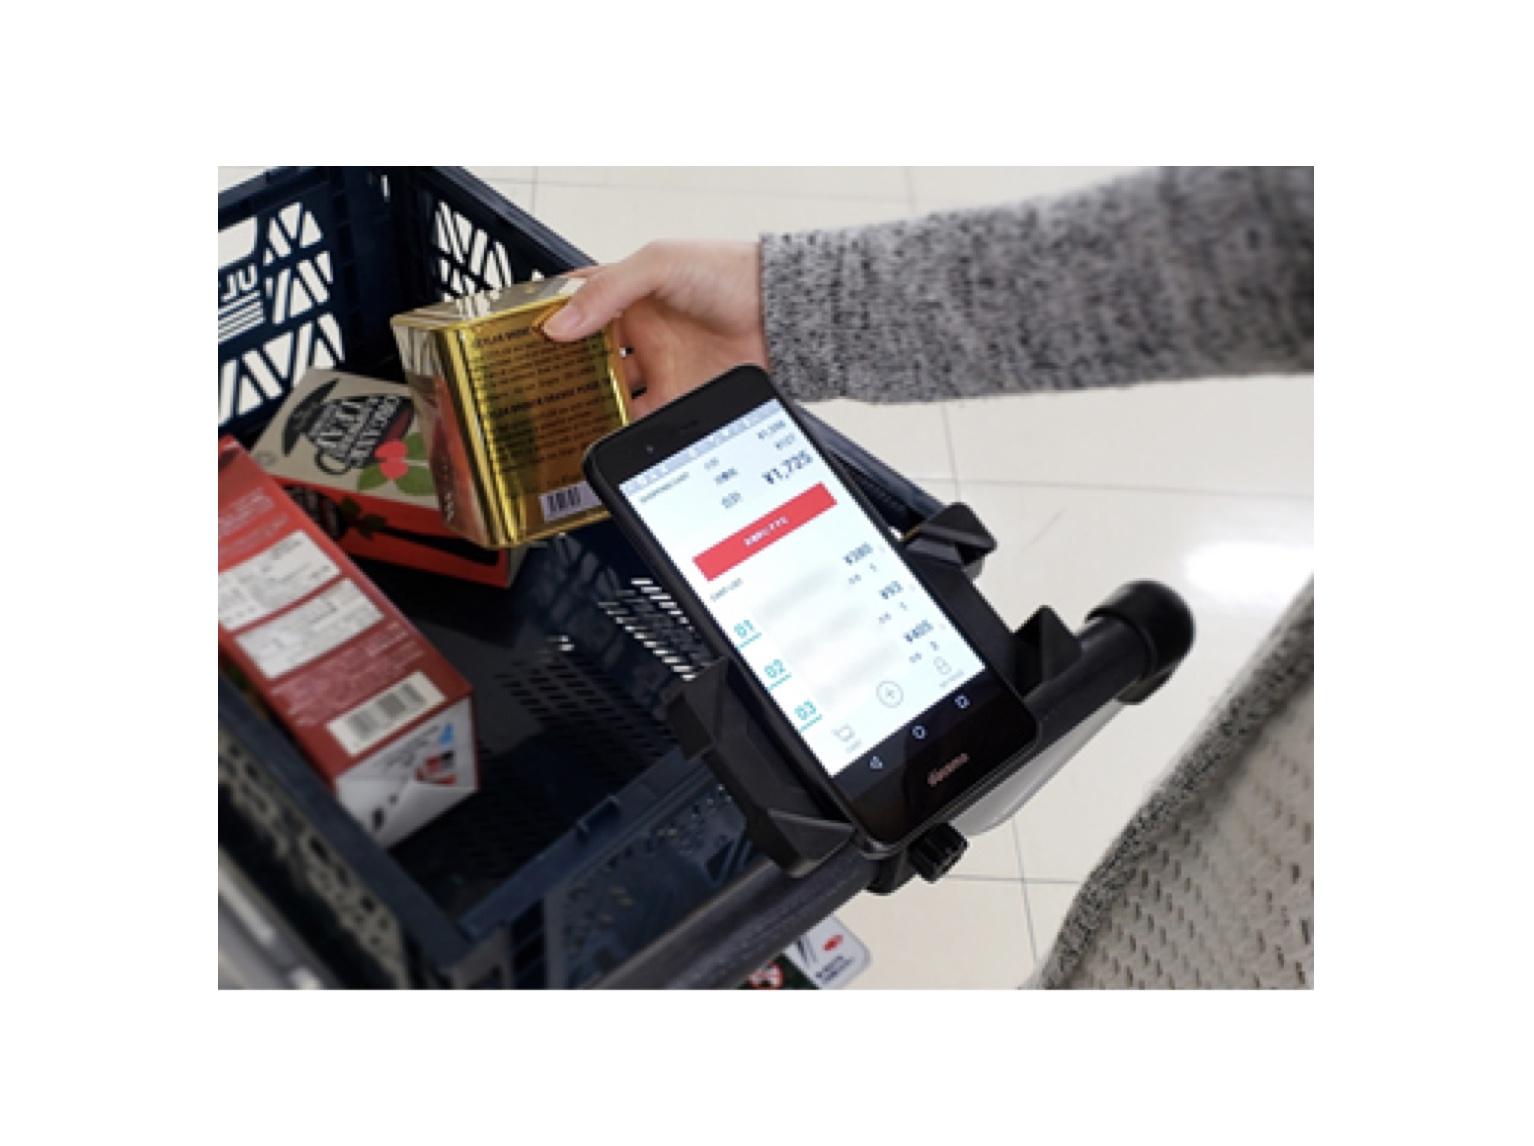 富士通、U.S.M.Hグループのスーパーマーケット実店舗にスマートPOSアプリを導入